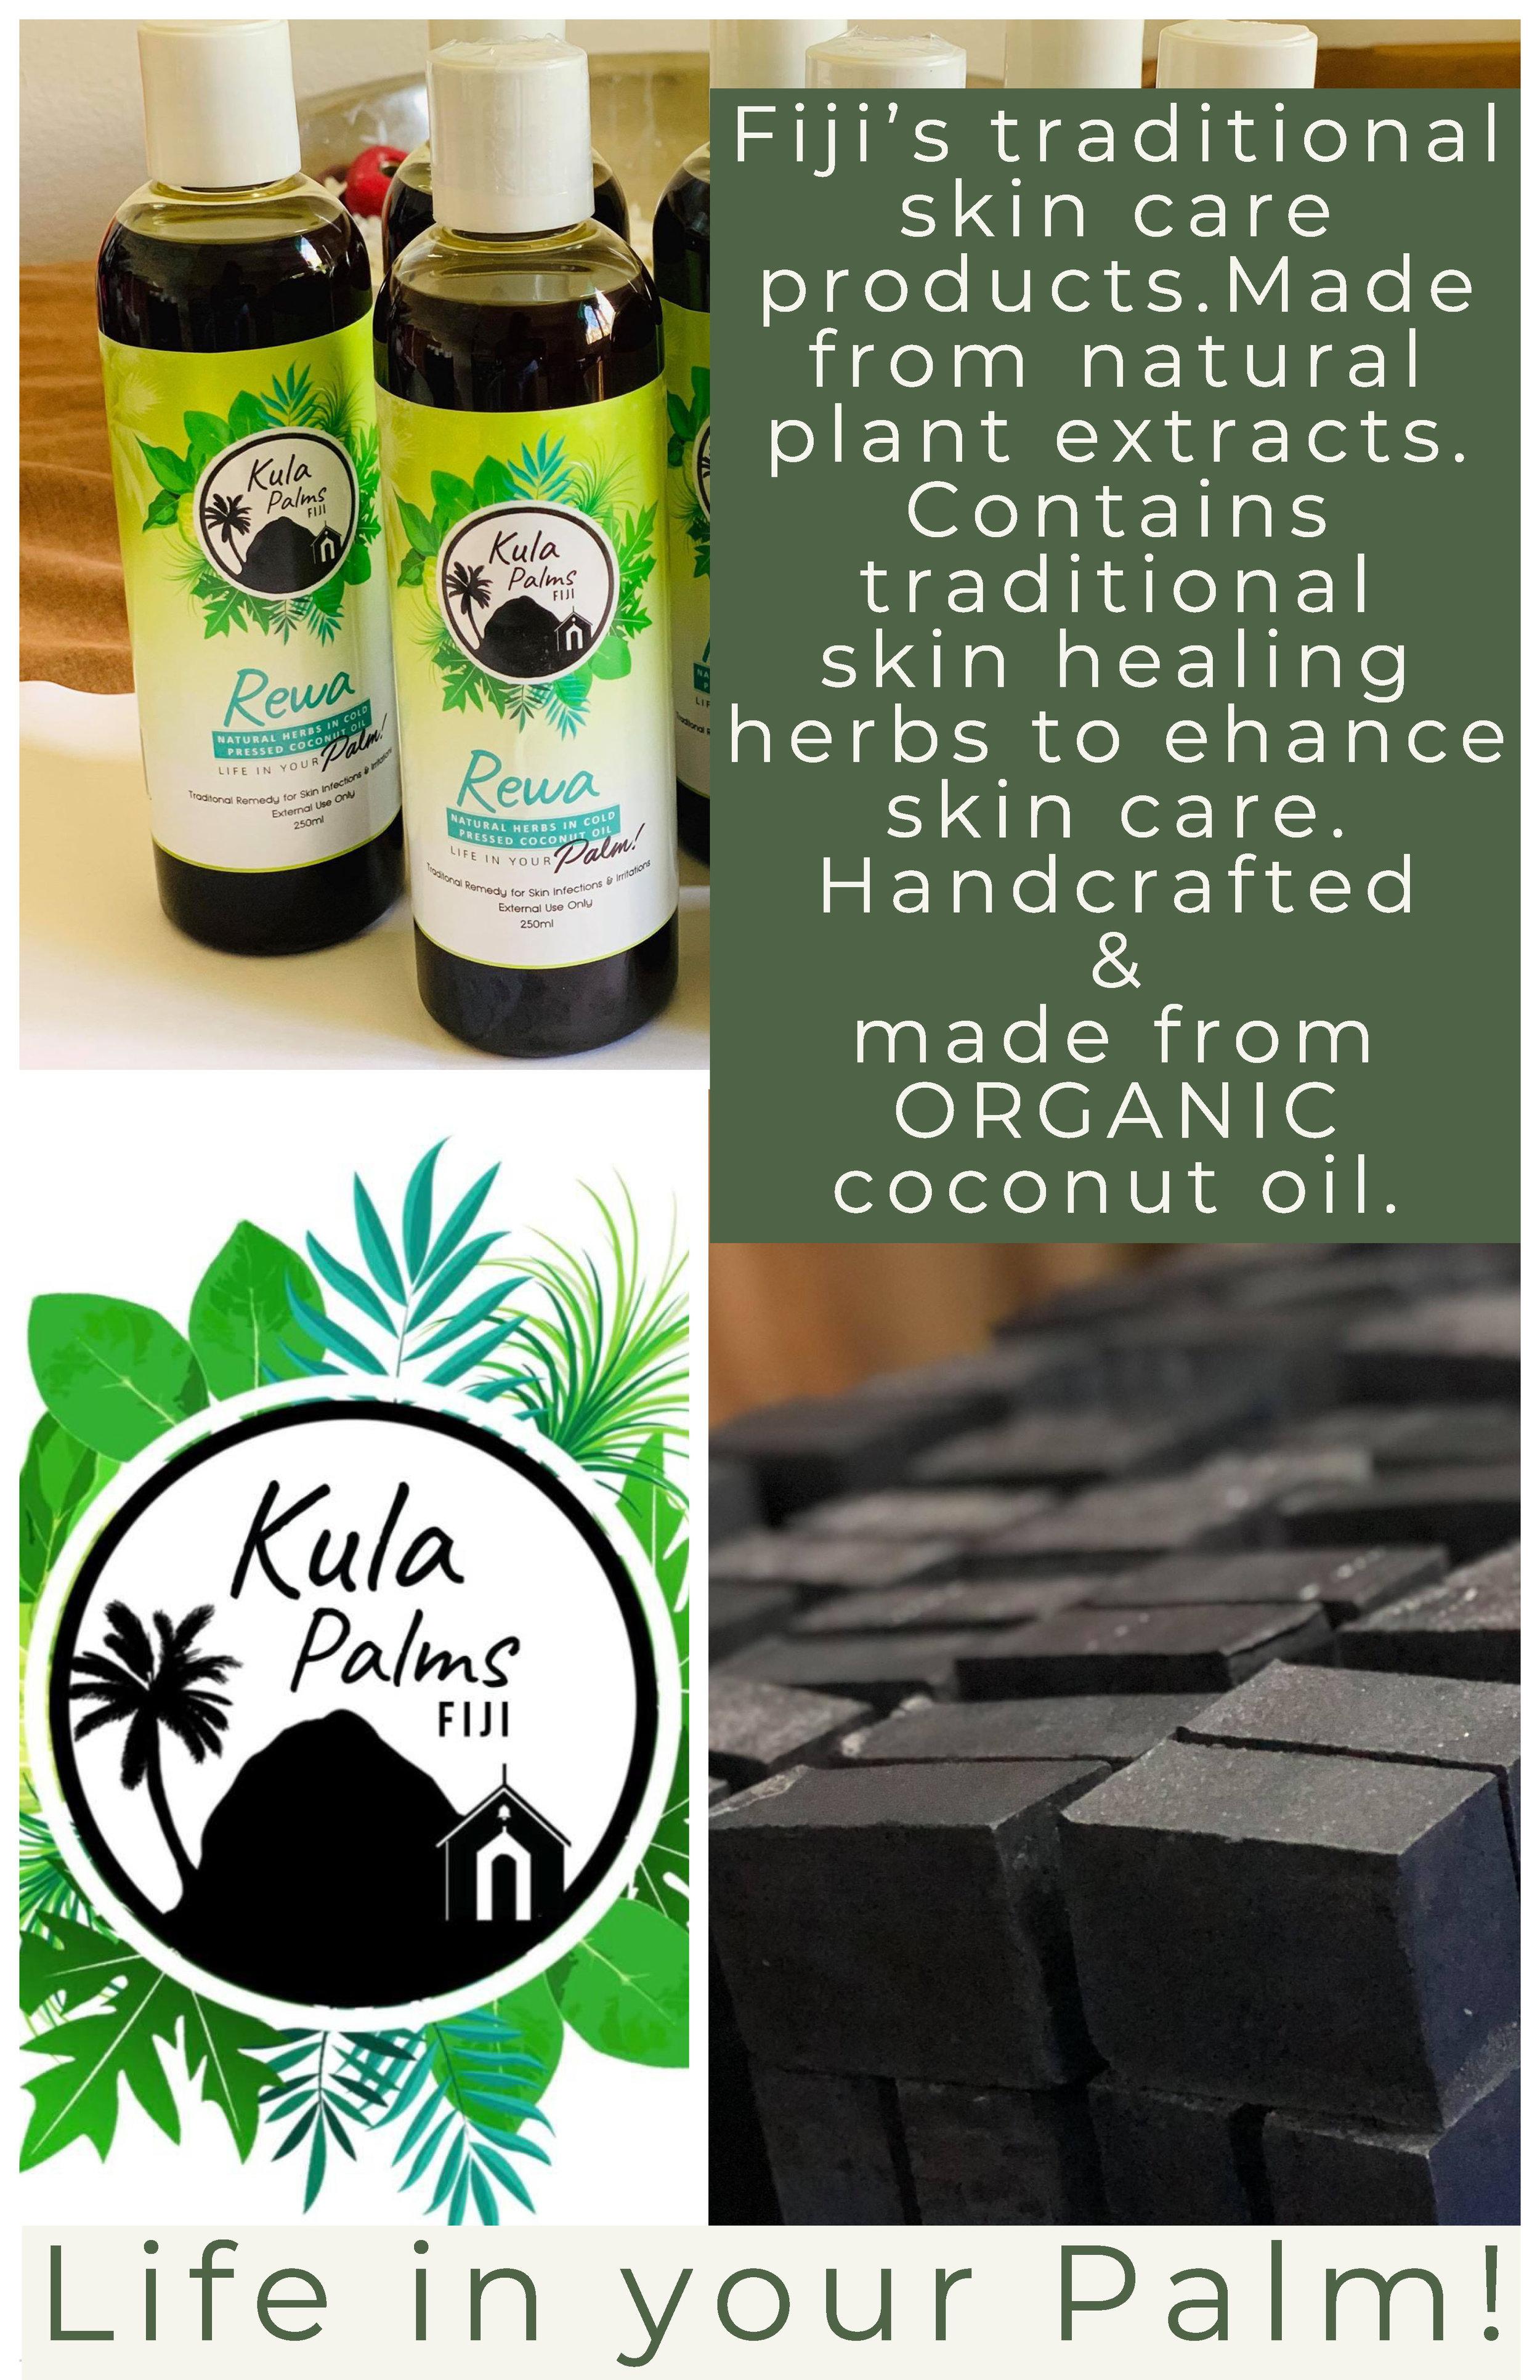 Kula Palms Poster 2.jpg